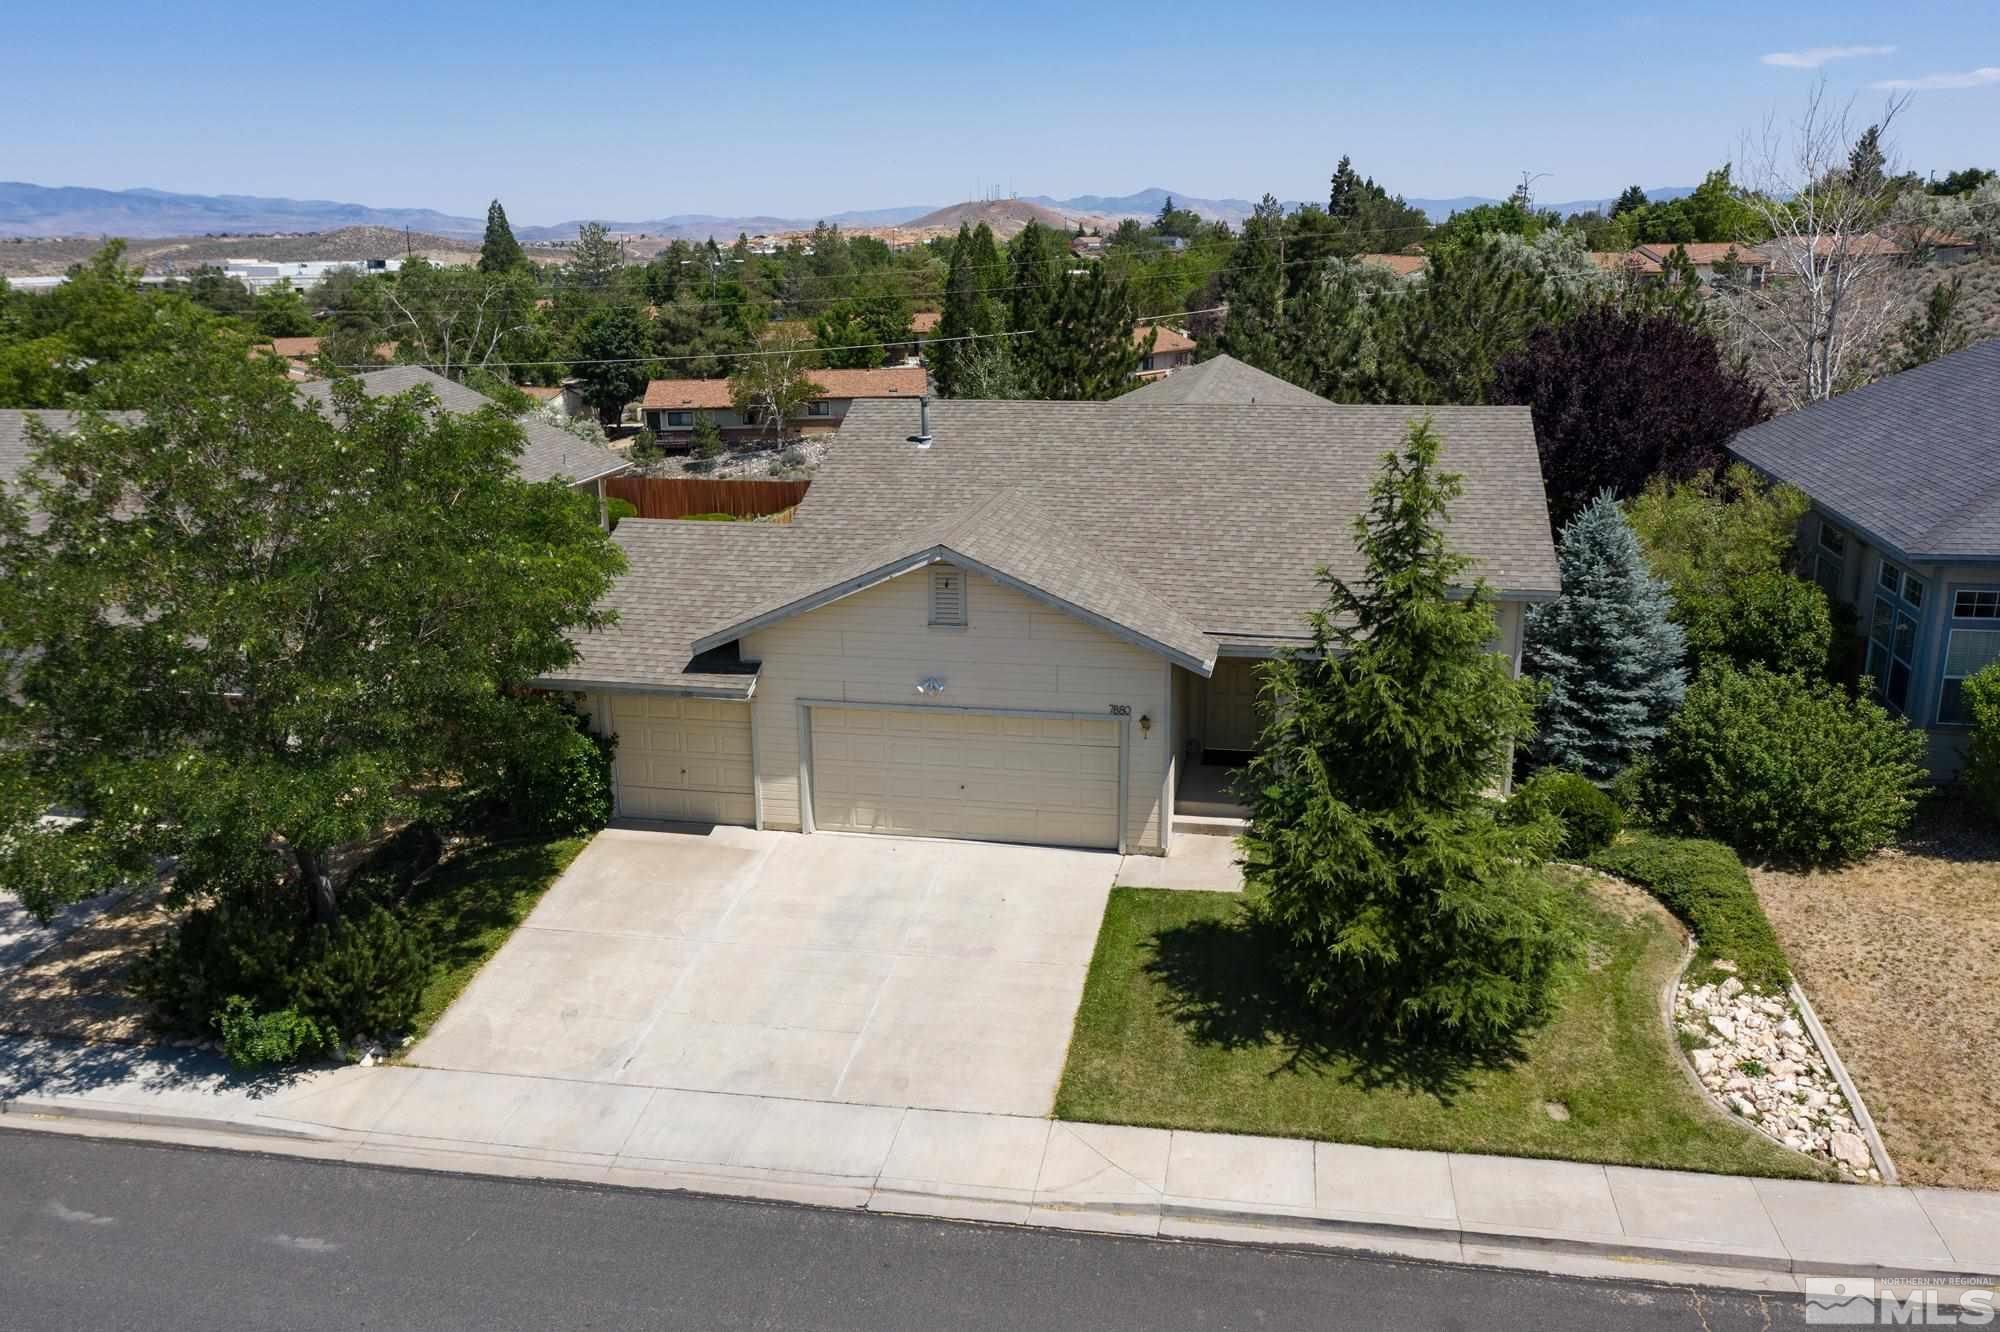 Image for 7880 Zinfandel Ct., Reno, NV 89506